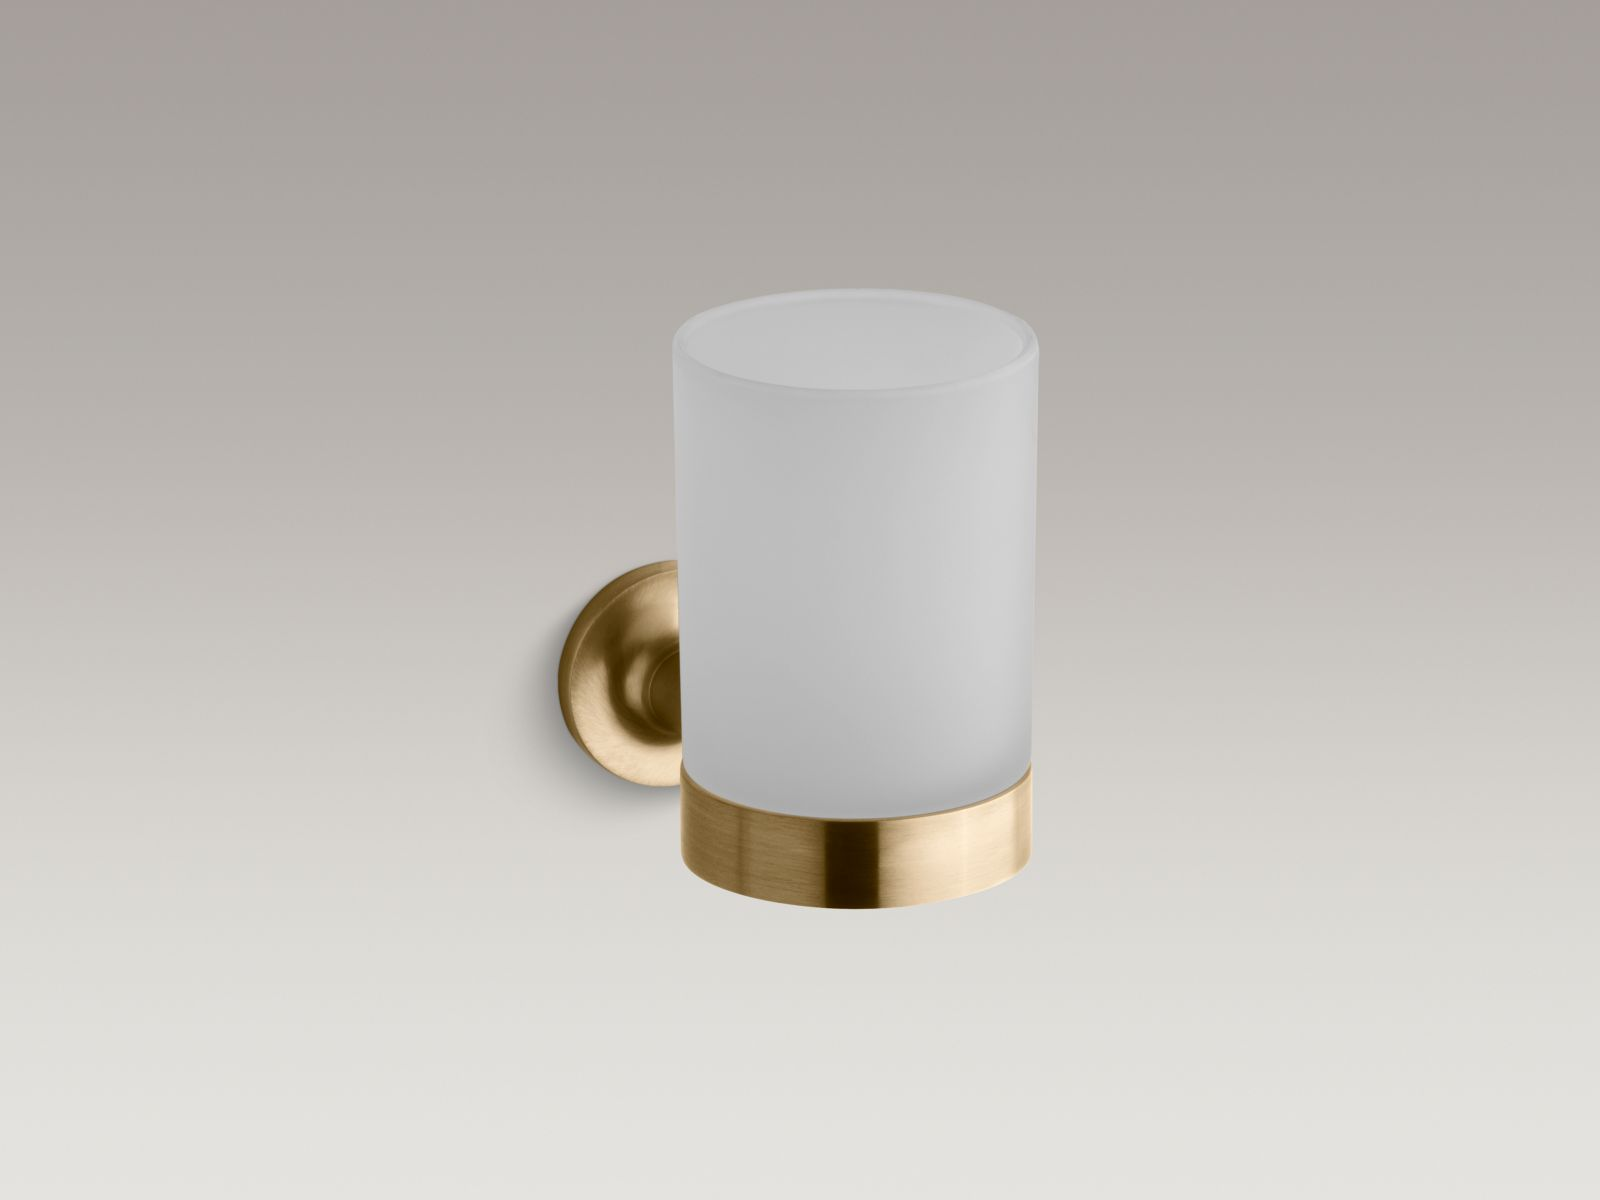 Kohler K-14447-BGD Purist Tumbler and Holder Vibrant Moderne Brushed Gold